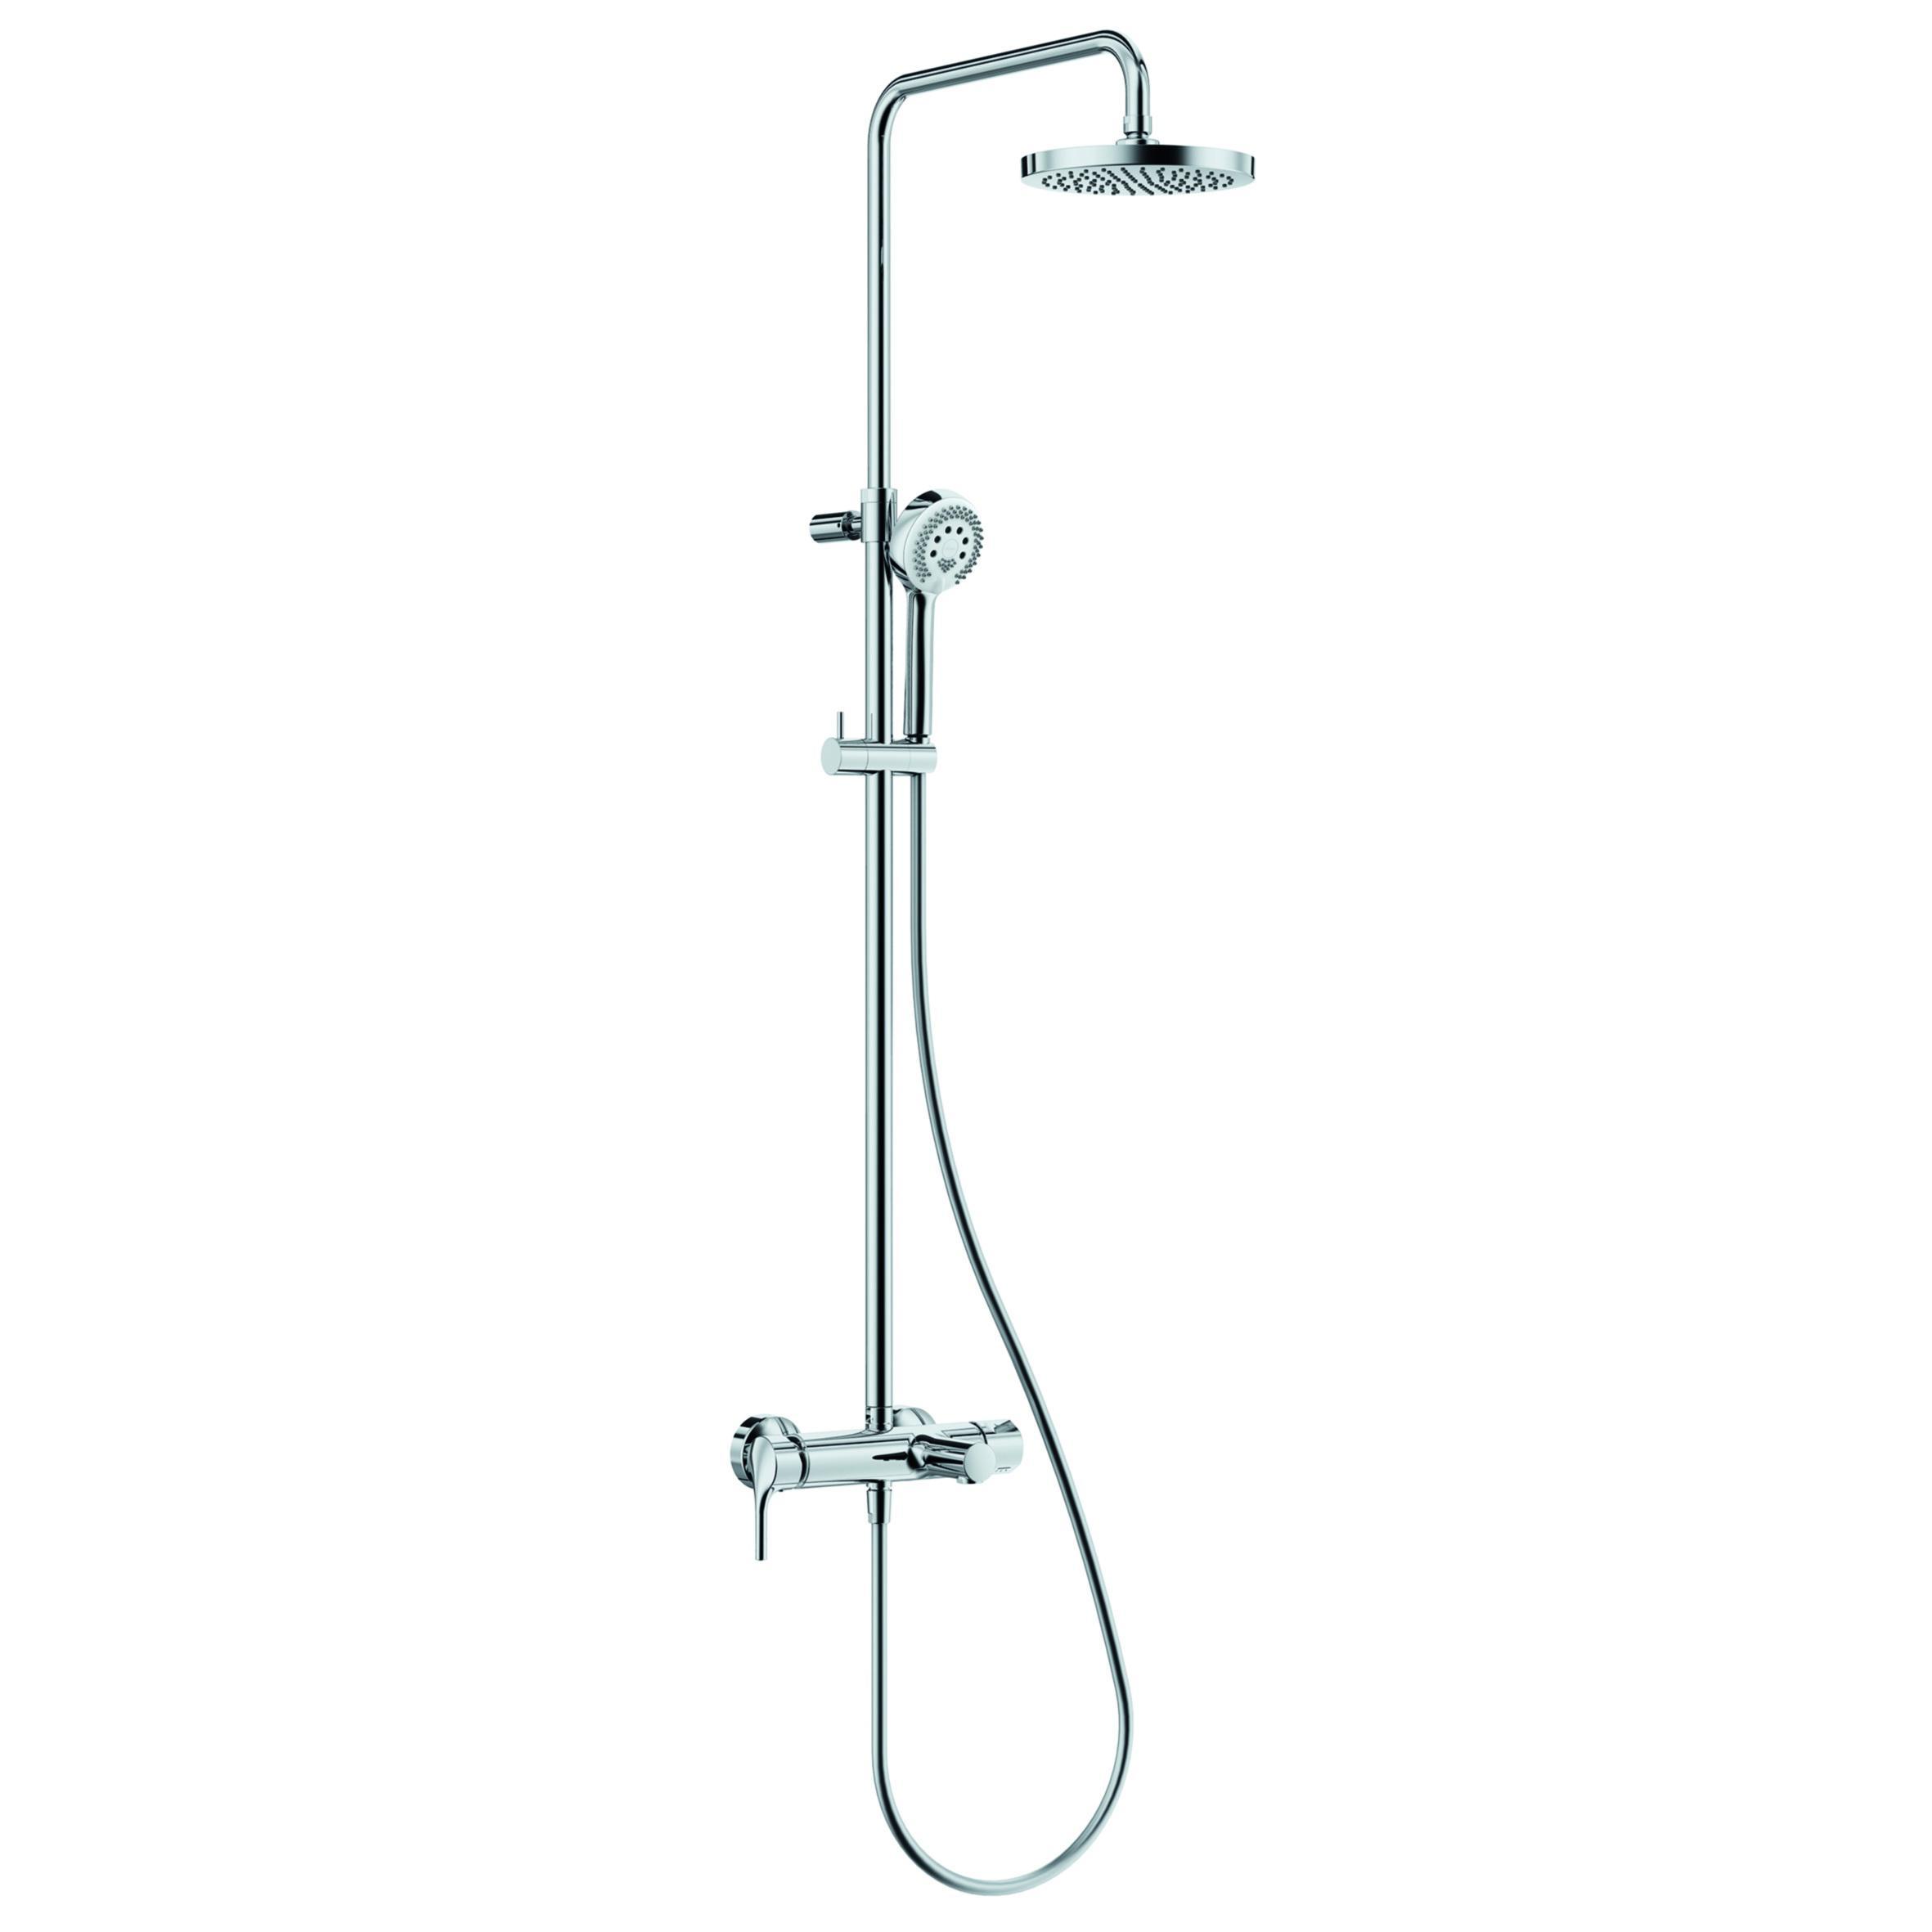 Душевой гарнитур Kludi Logo dual shower system 6808305-00 смеситель для кухни kludi logo neo 379130575